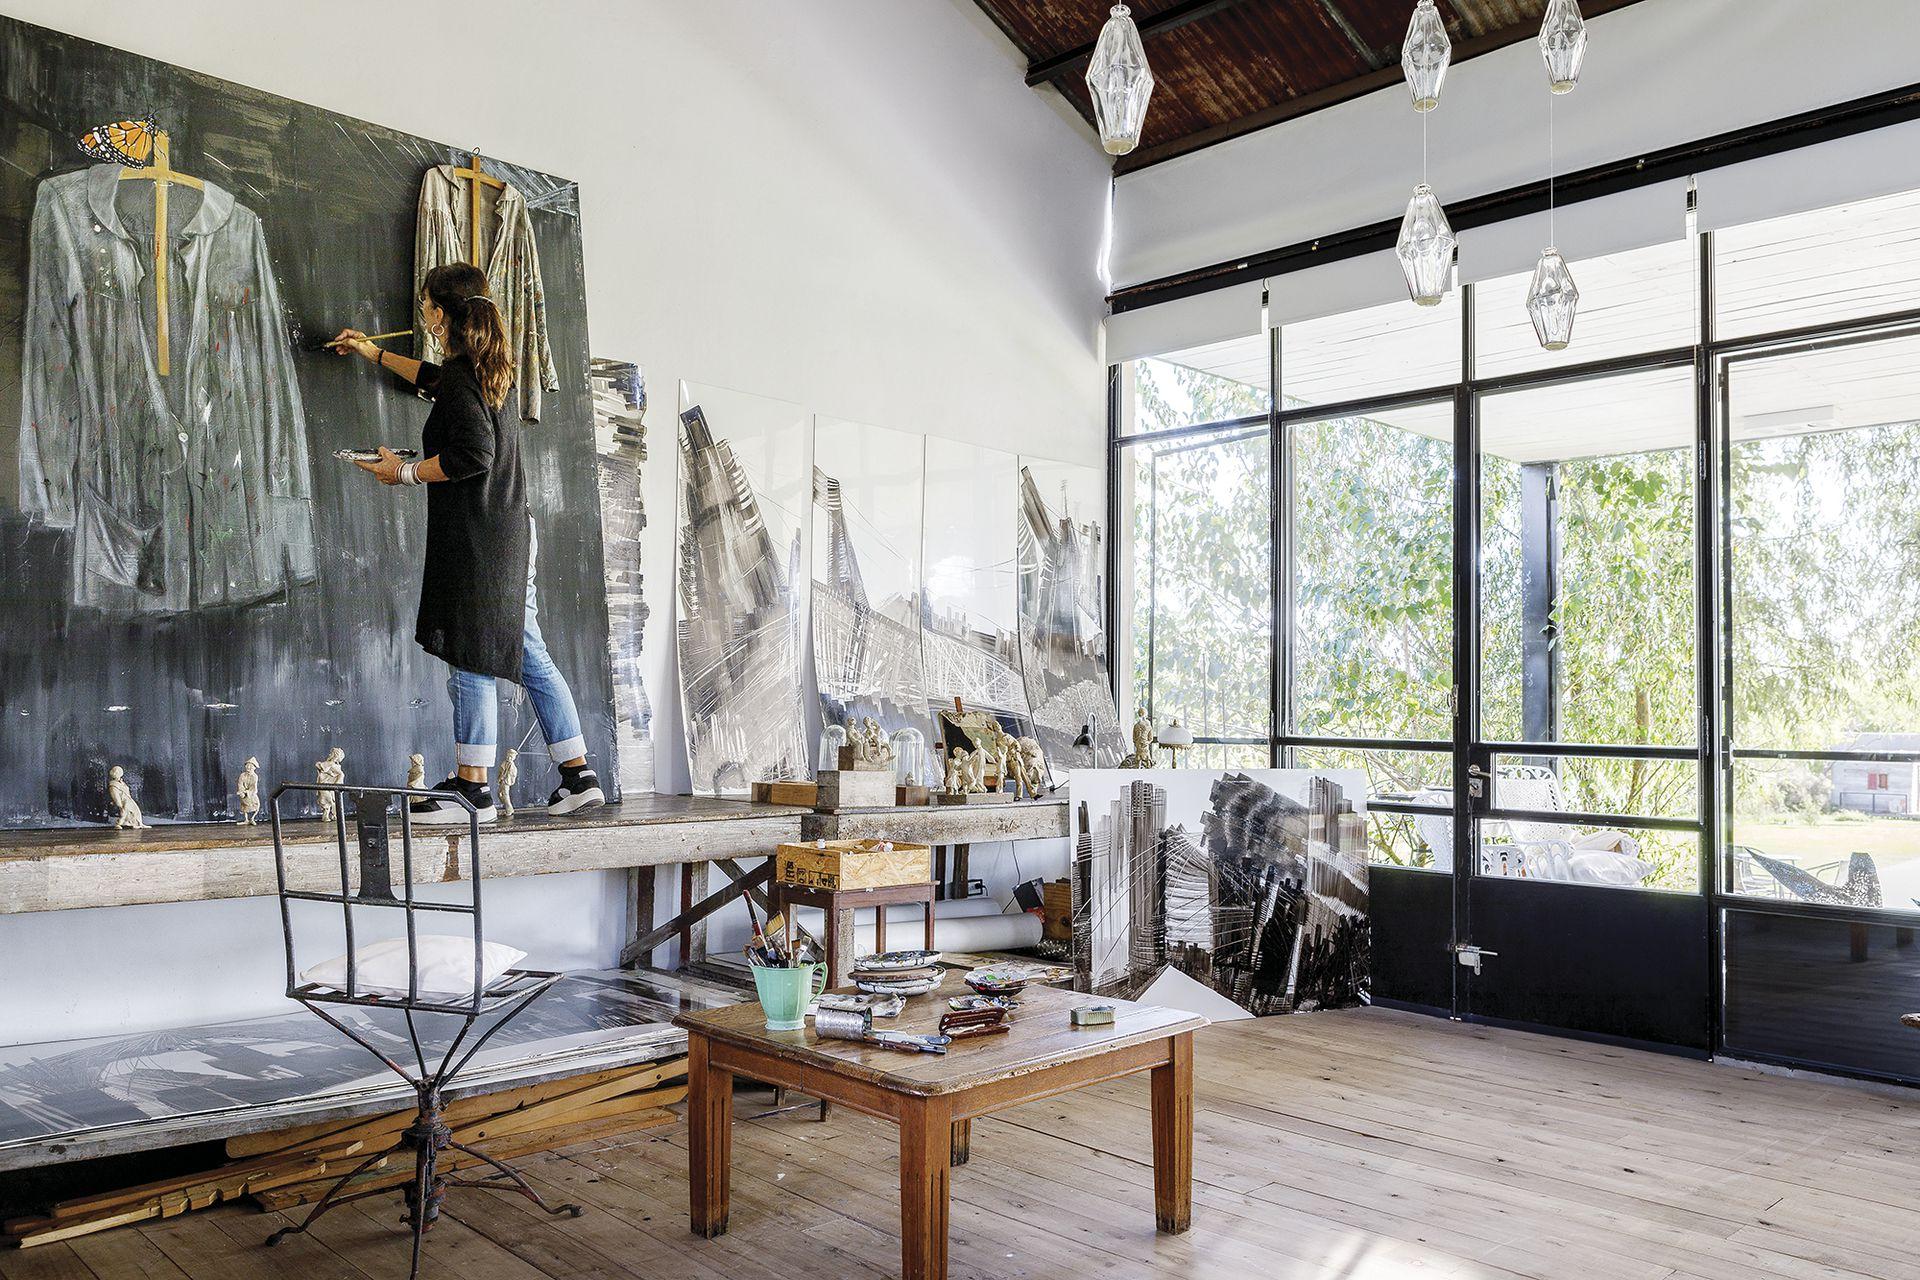 """Con fuertes superficies de madera donde puede trabajar sus obras más grandes, Berna armó su taller en el extremo del living. """"Pensé en un piso que pudiera manchar sin preocuparme"""", dice, contenta con su casa de uso absoluto."""